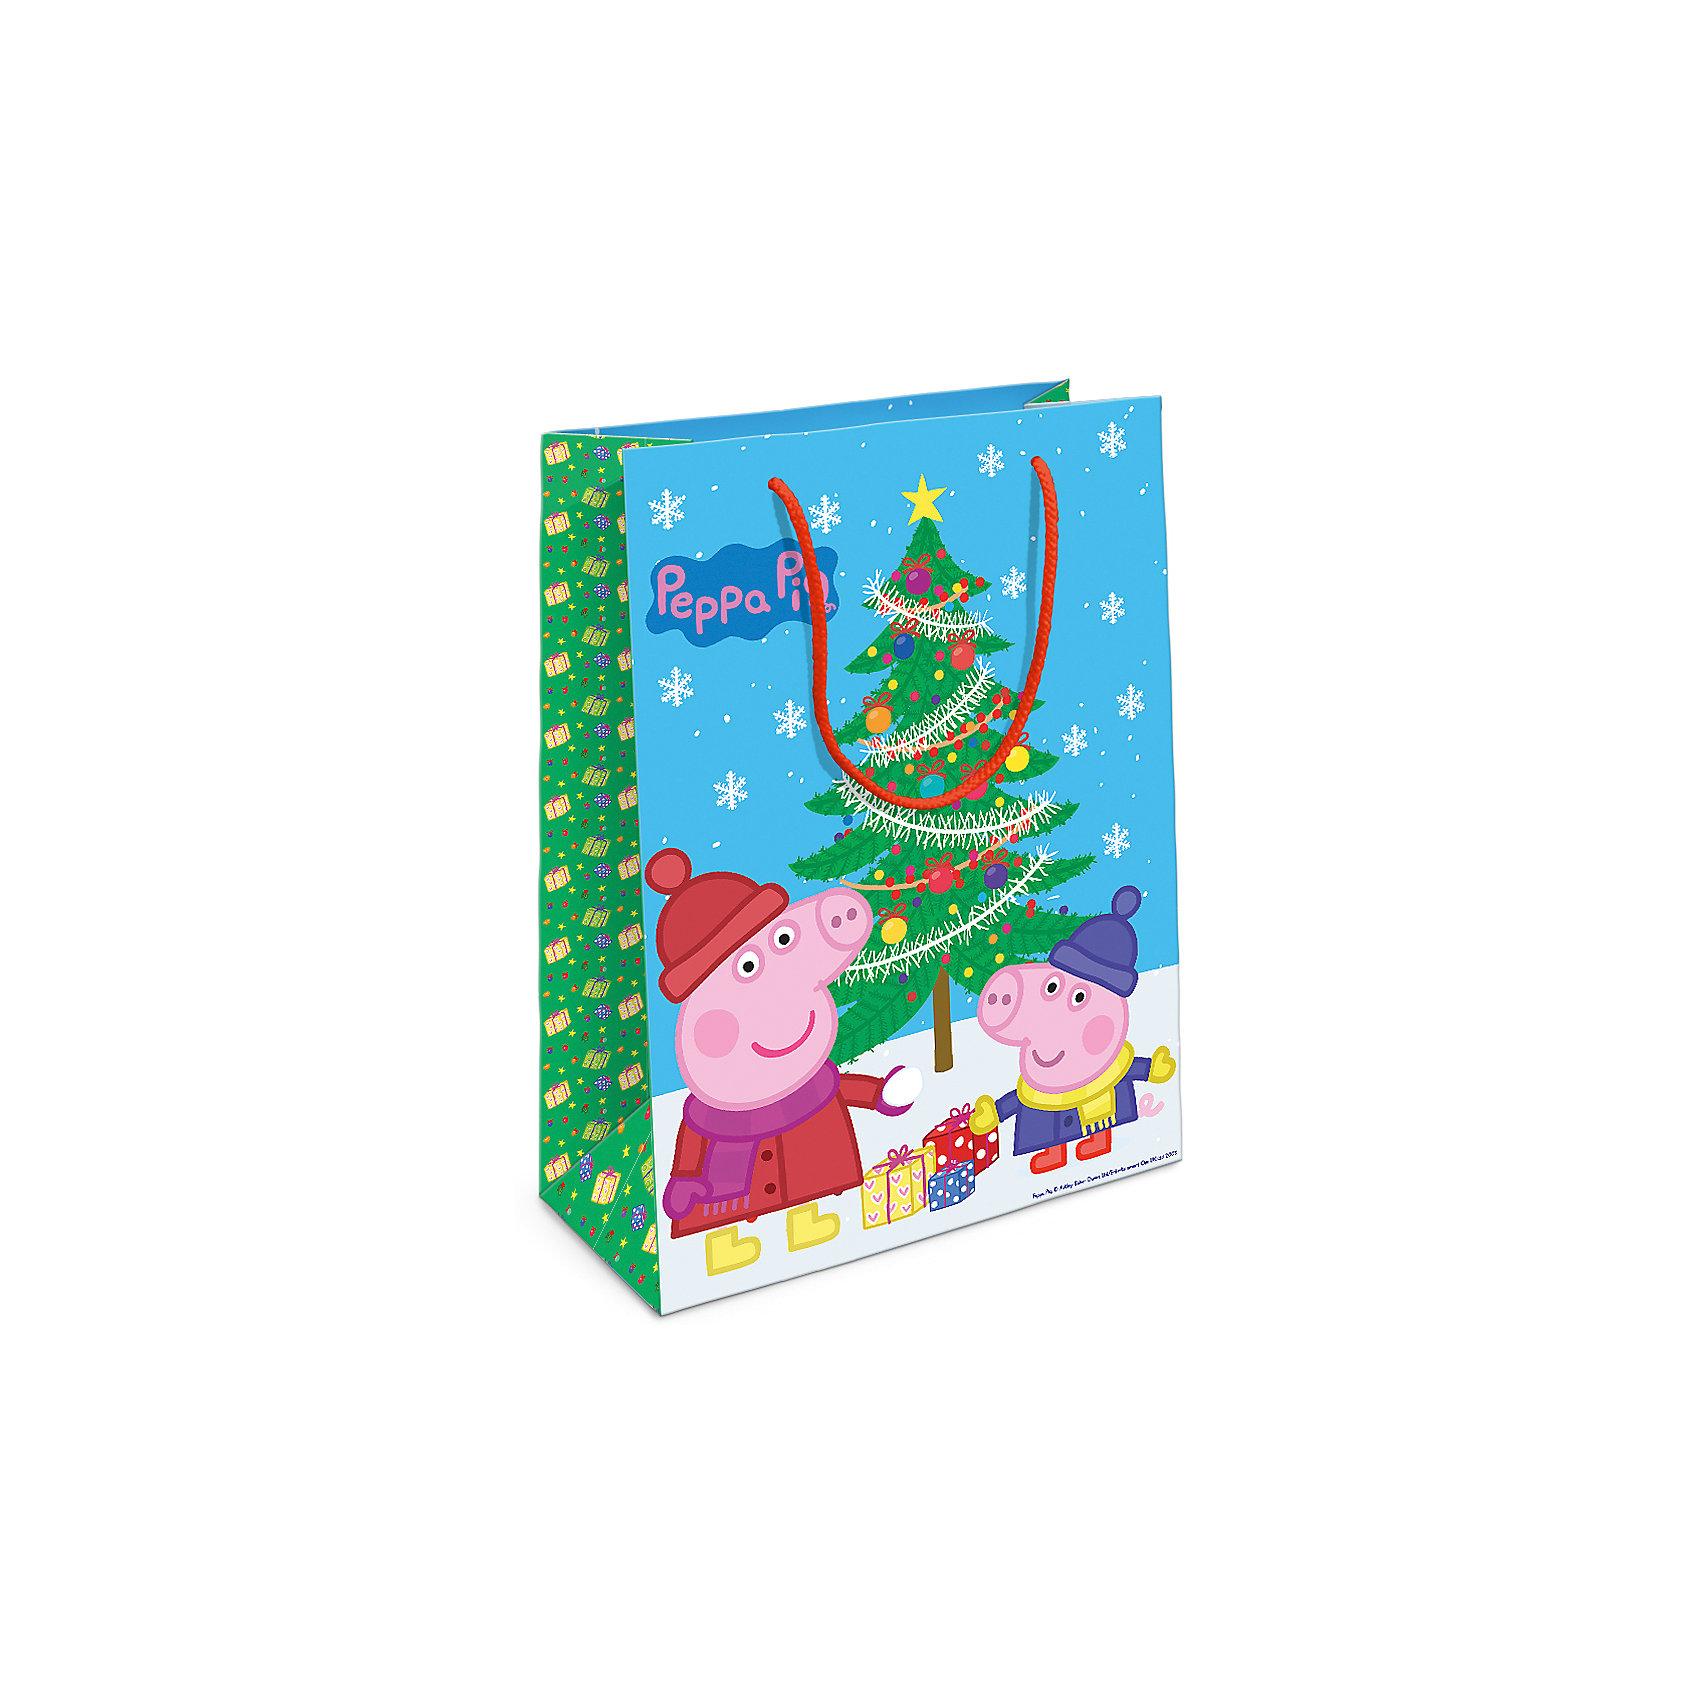 Пакет подарочный Пеппа и елка 350*250*90Порадуйте малыша новогодним подарком! А красивый подарочный пакет «Пеппа и ёлка» с забавными героями мультфильма «Свинка Пеппа» станет его эффектным дополнением. Размер бумажного подарочного пакета: 35х25х9 см.<br><br>Ширина мм: 350<br>Глубина мм: 250<br>Высота мм: 3<br>Вес г: 41<br>Возраст от месяцев: 36<br>Возраст до месяцев: 120<br>Пол: Унисекс<br>Возраст: Детский<br>SKU: 5016463